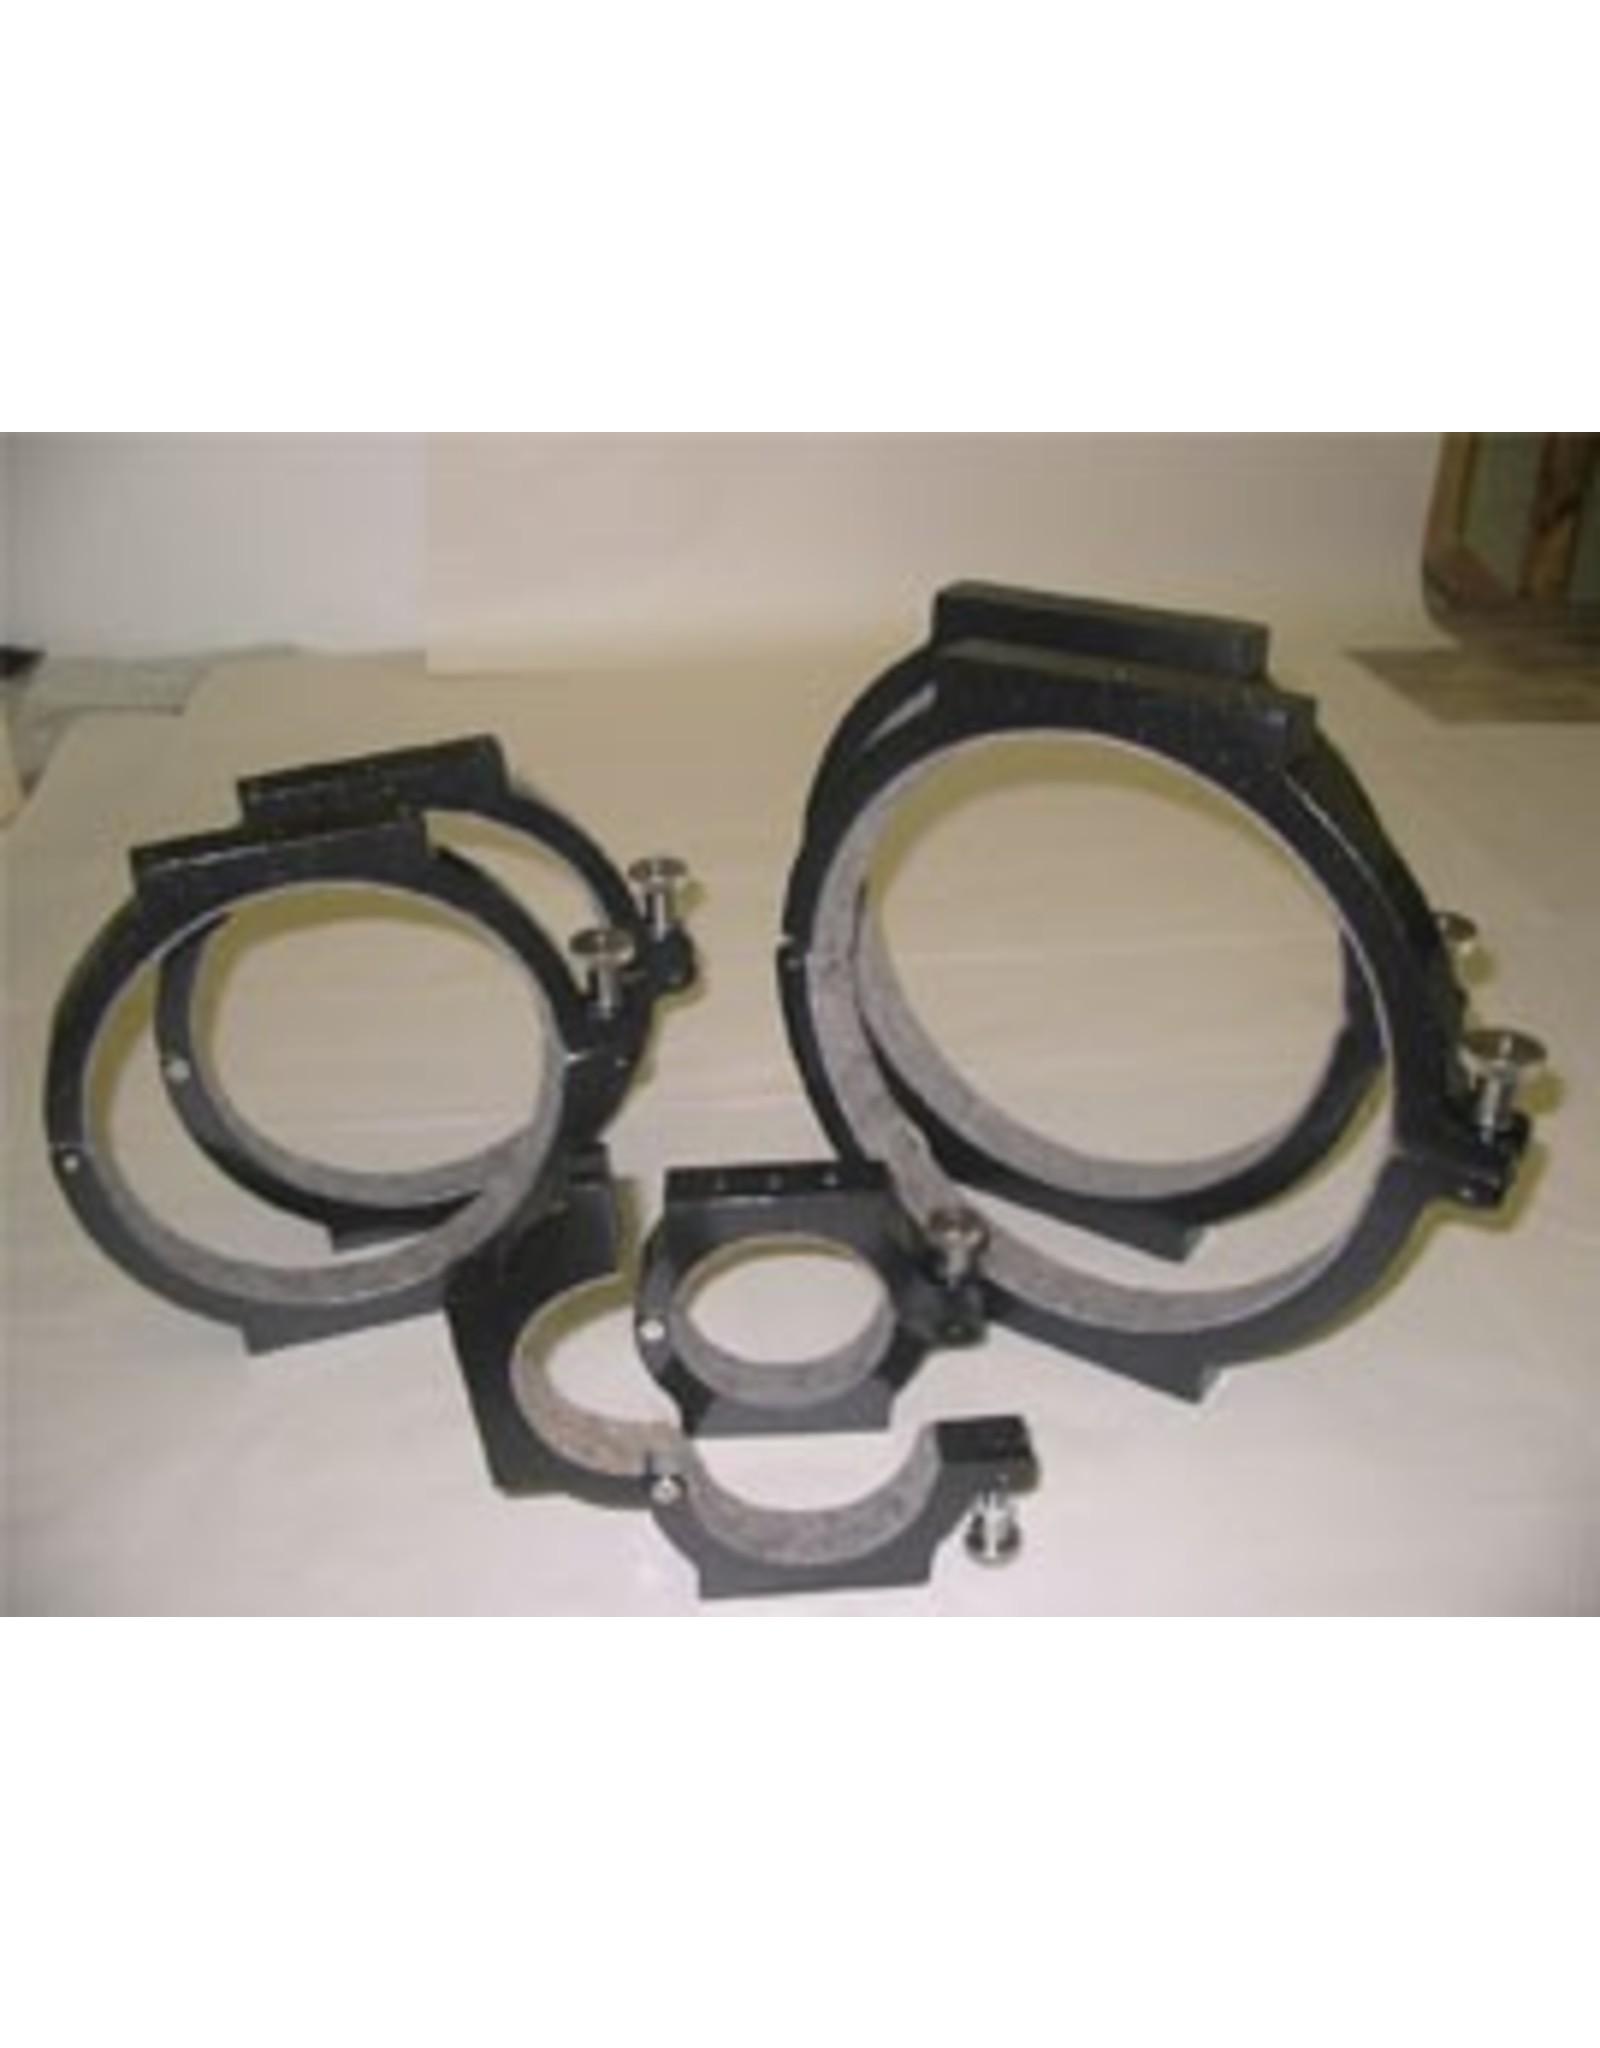 Parallax Instruments Parallax Instruments Standard Tube Rings (Set of 2)